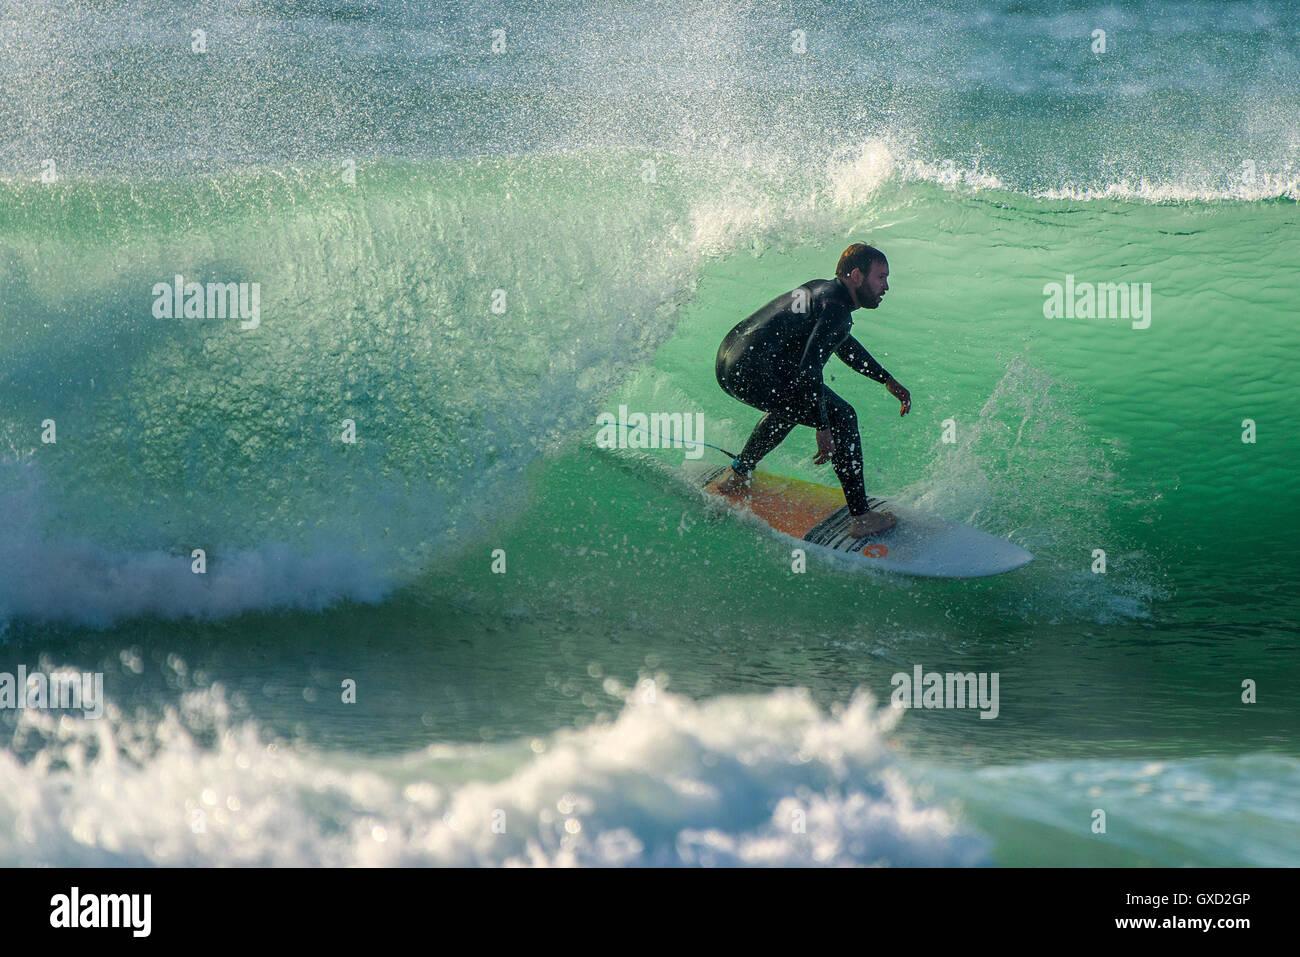 Un surfista en acción espectacular en Fistral en Newquay, Cornwall. En el Reino Unido. Imagen De Stock